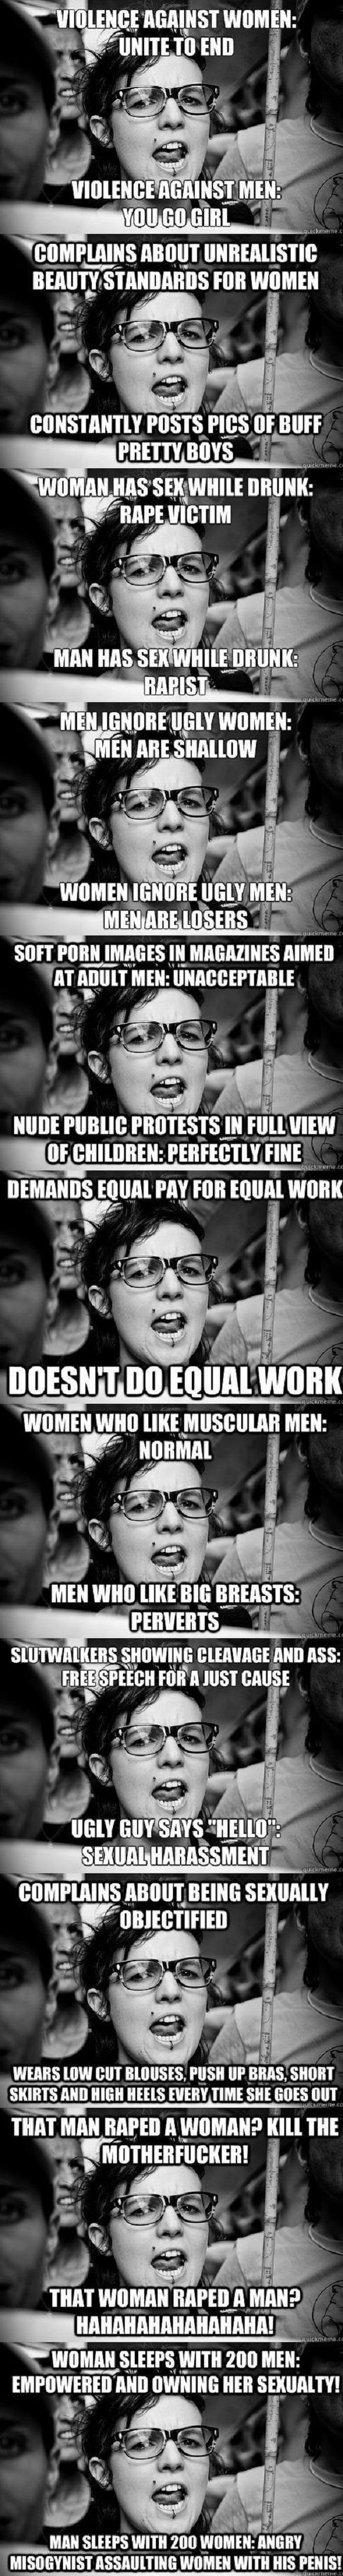 Hypocrite feminist